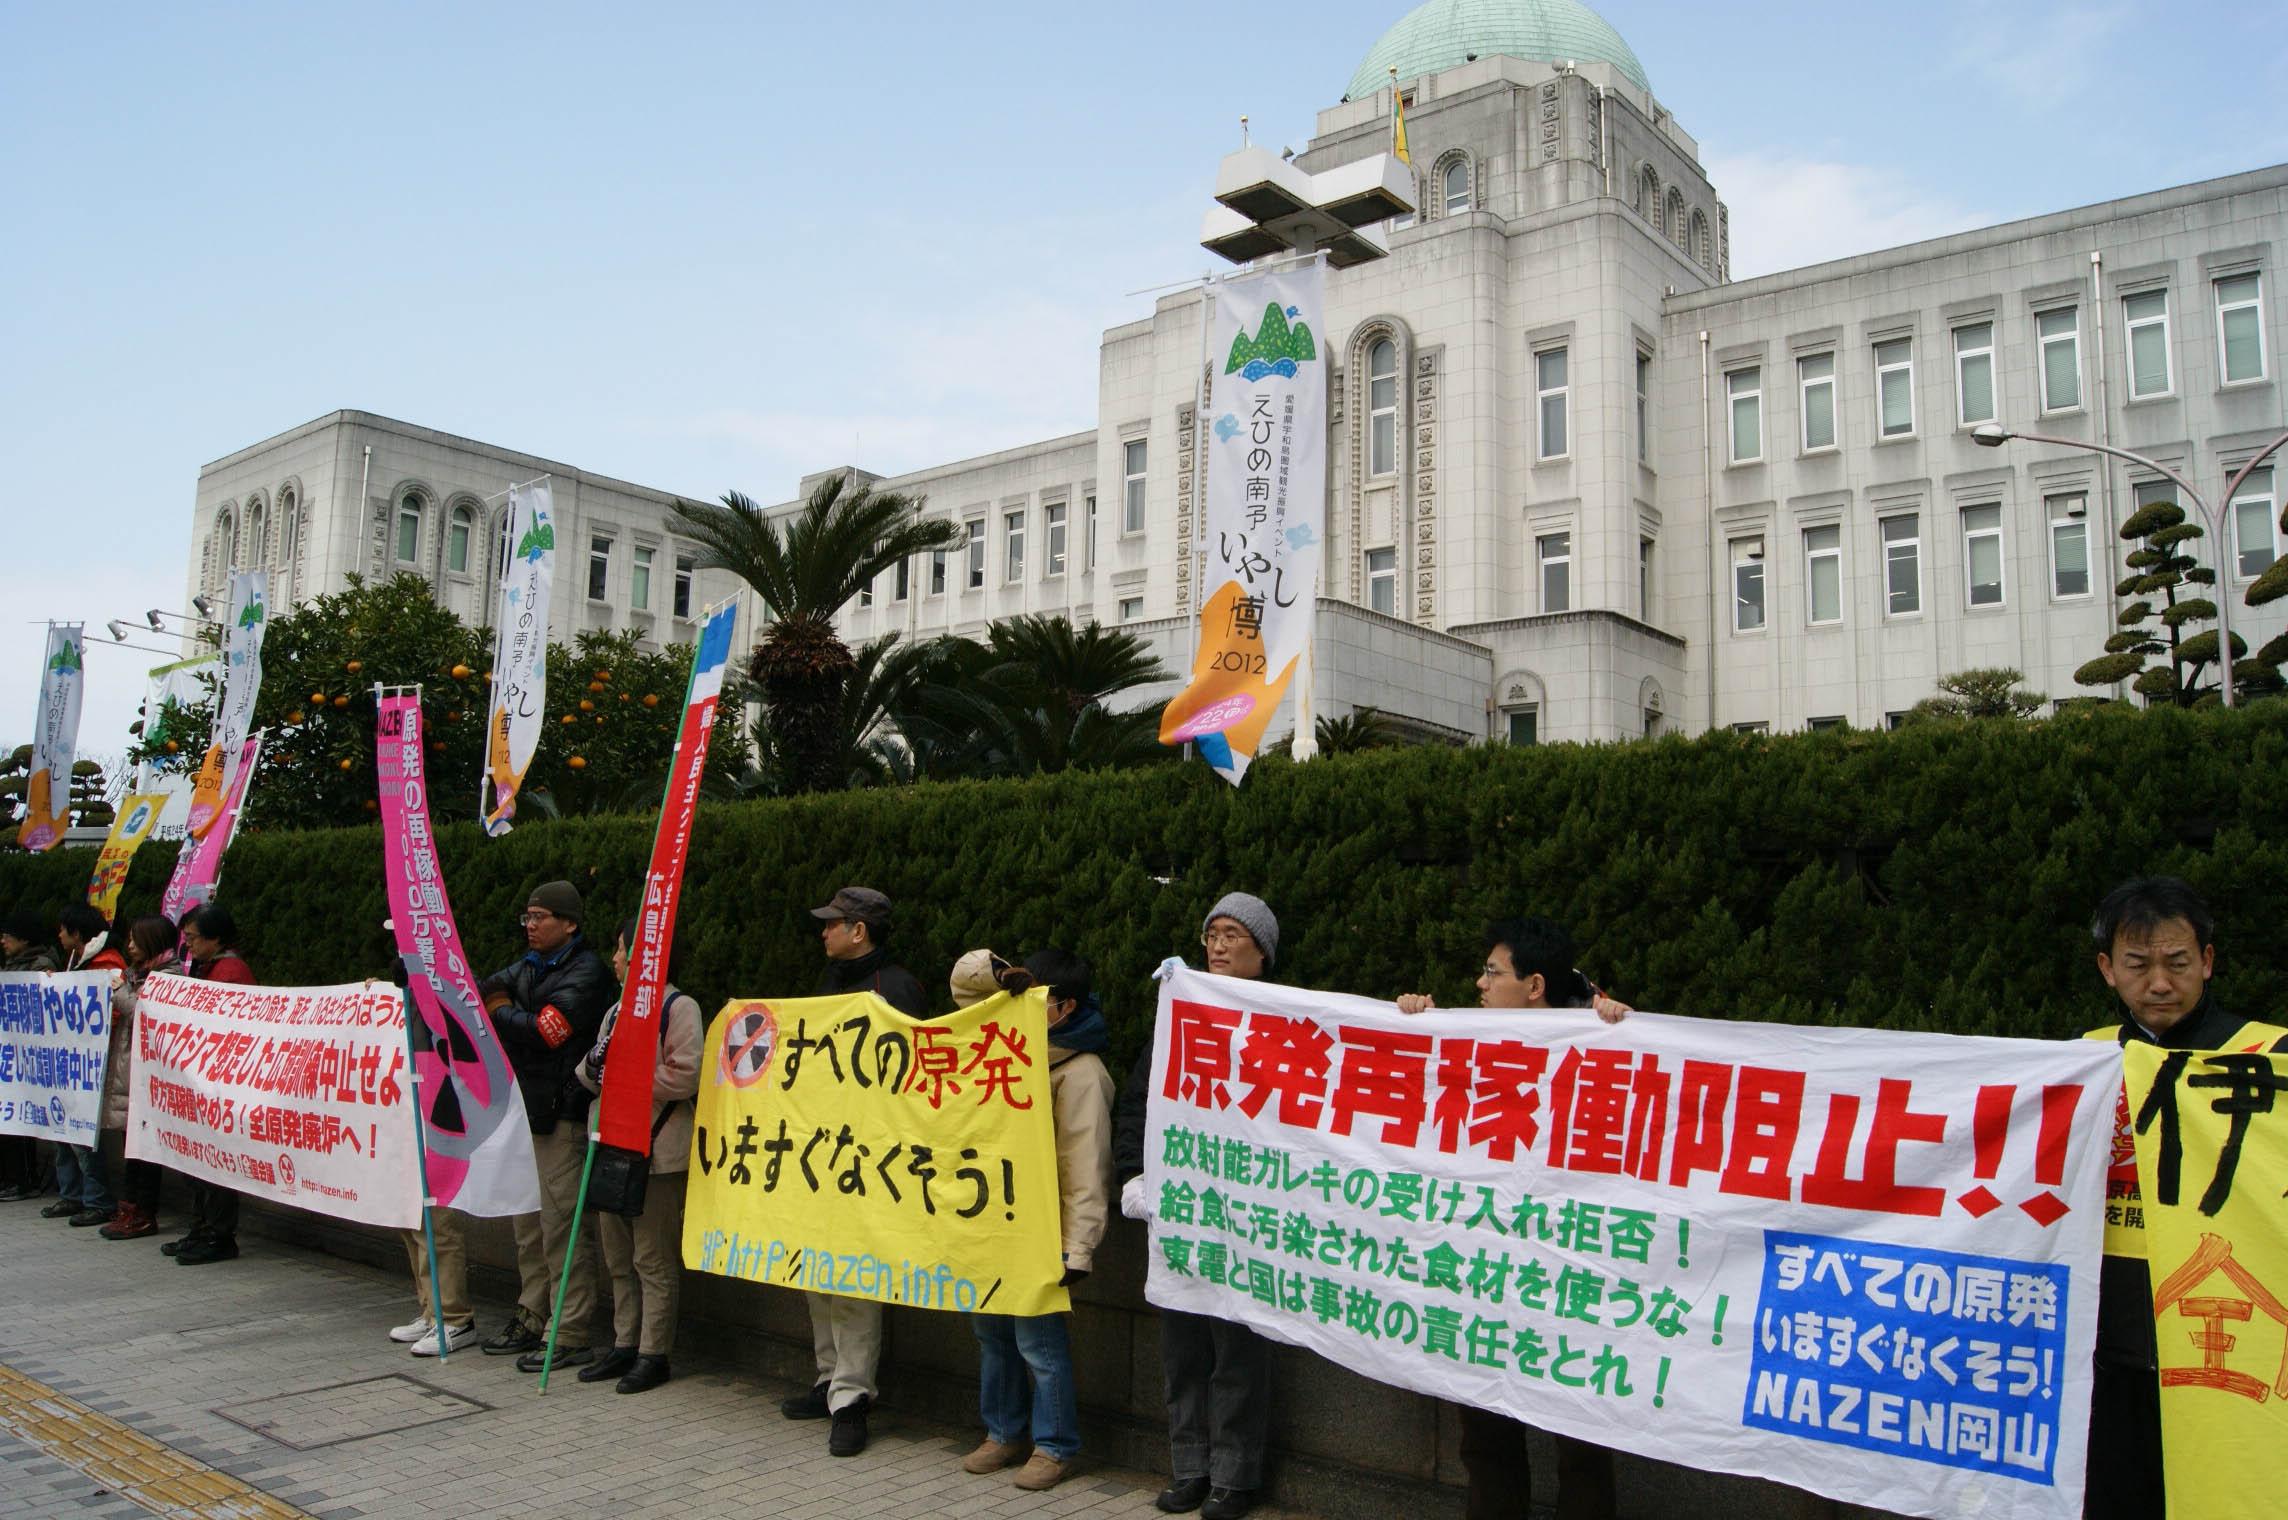 愛媛県庁前で再稼働に向けての訓練の中止を求めて抗議中_d0155415_21181696.jpg